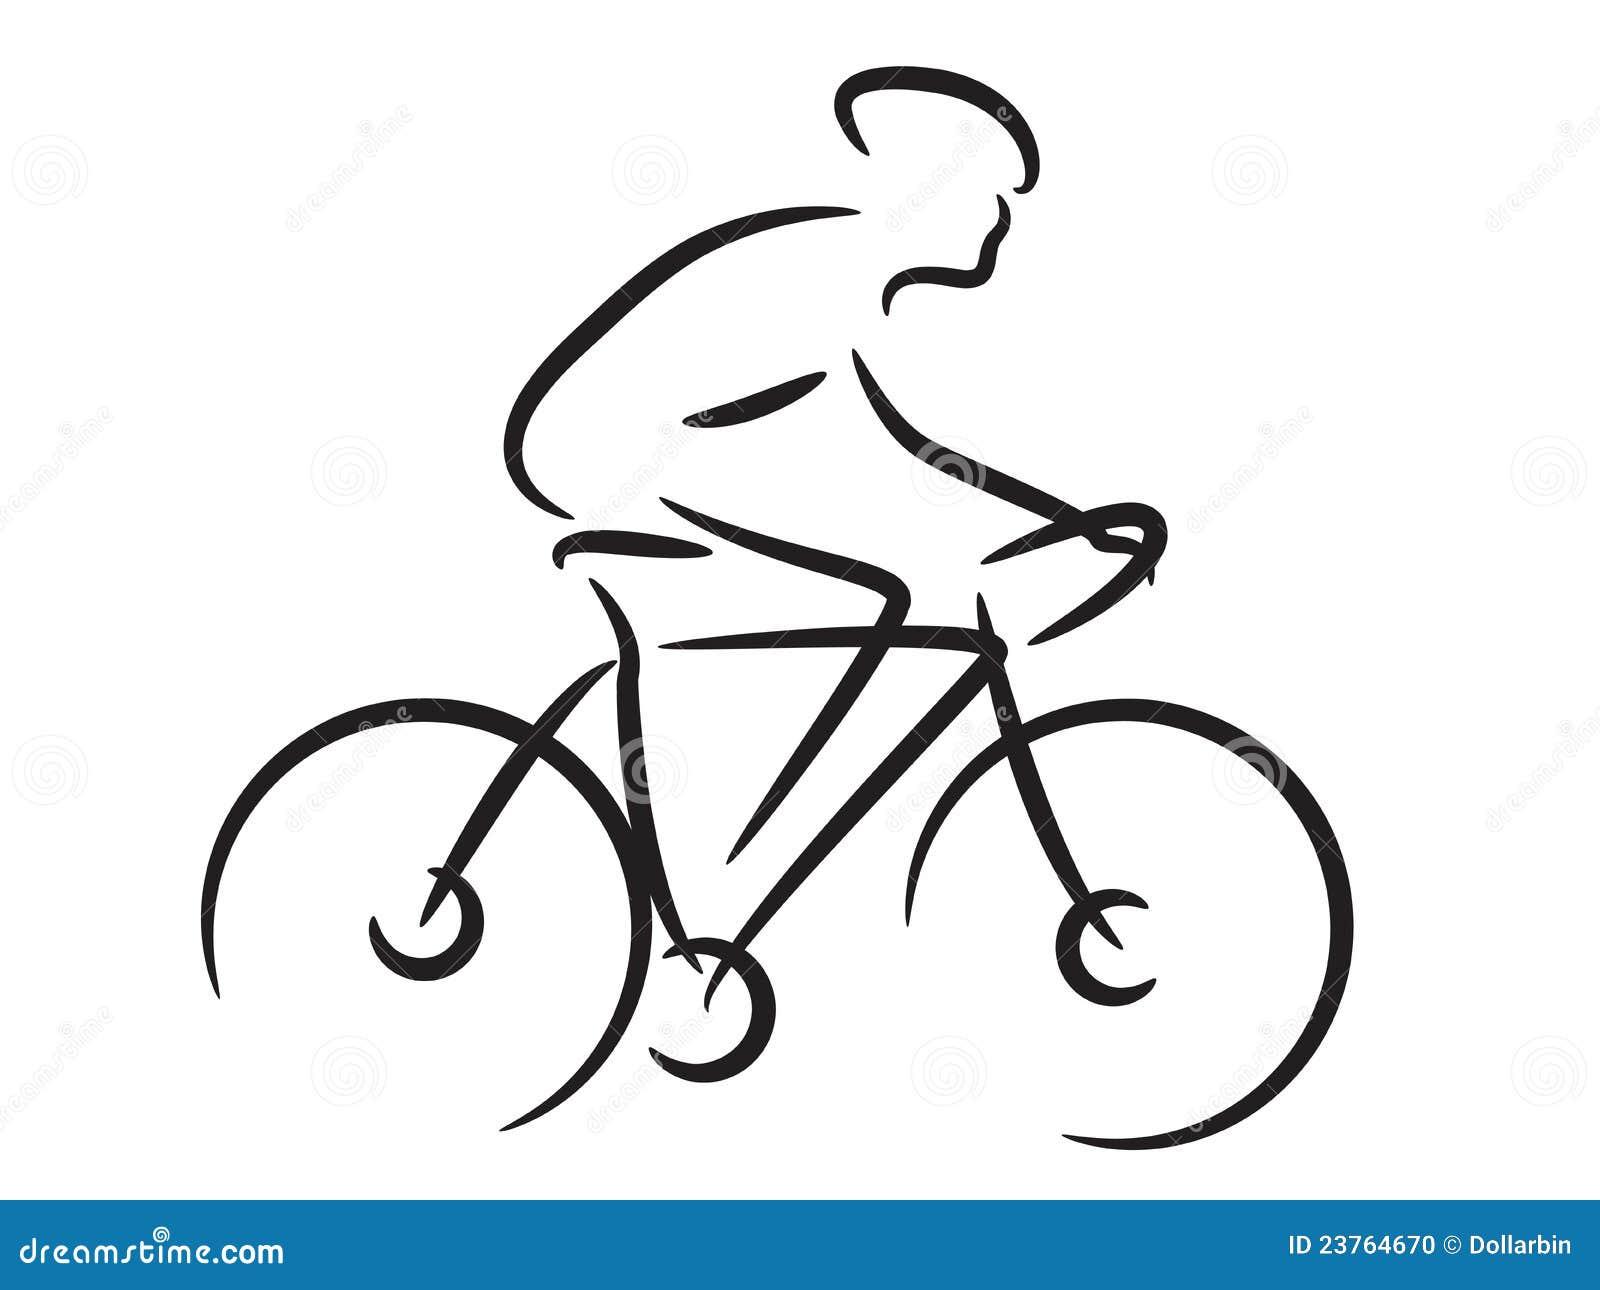 Cycliste de montagne illustration de vecteur illustration - Dessin cycliste ...